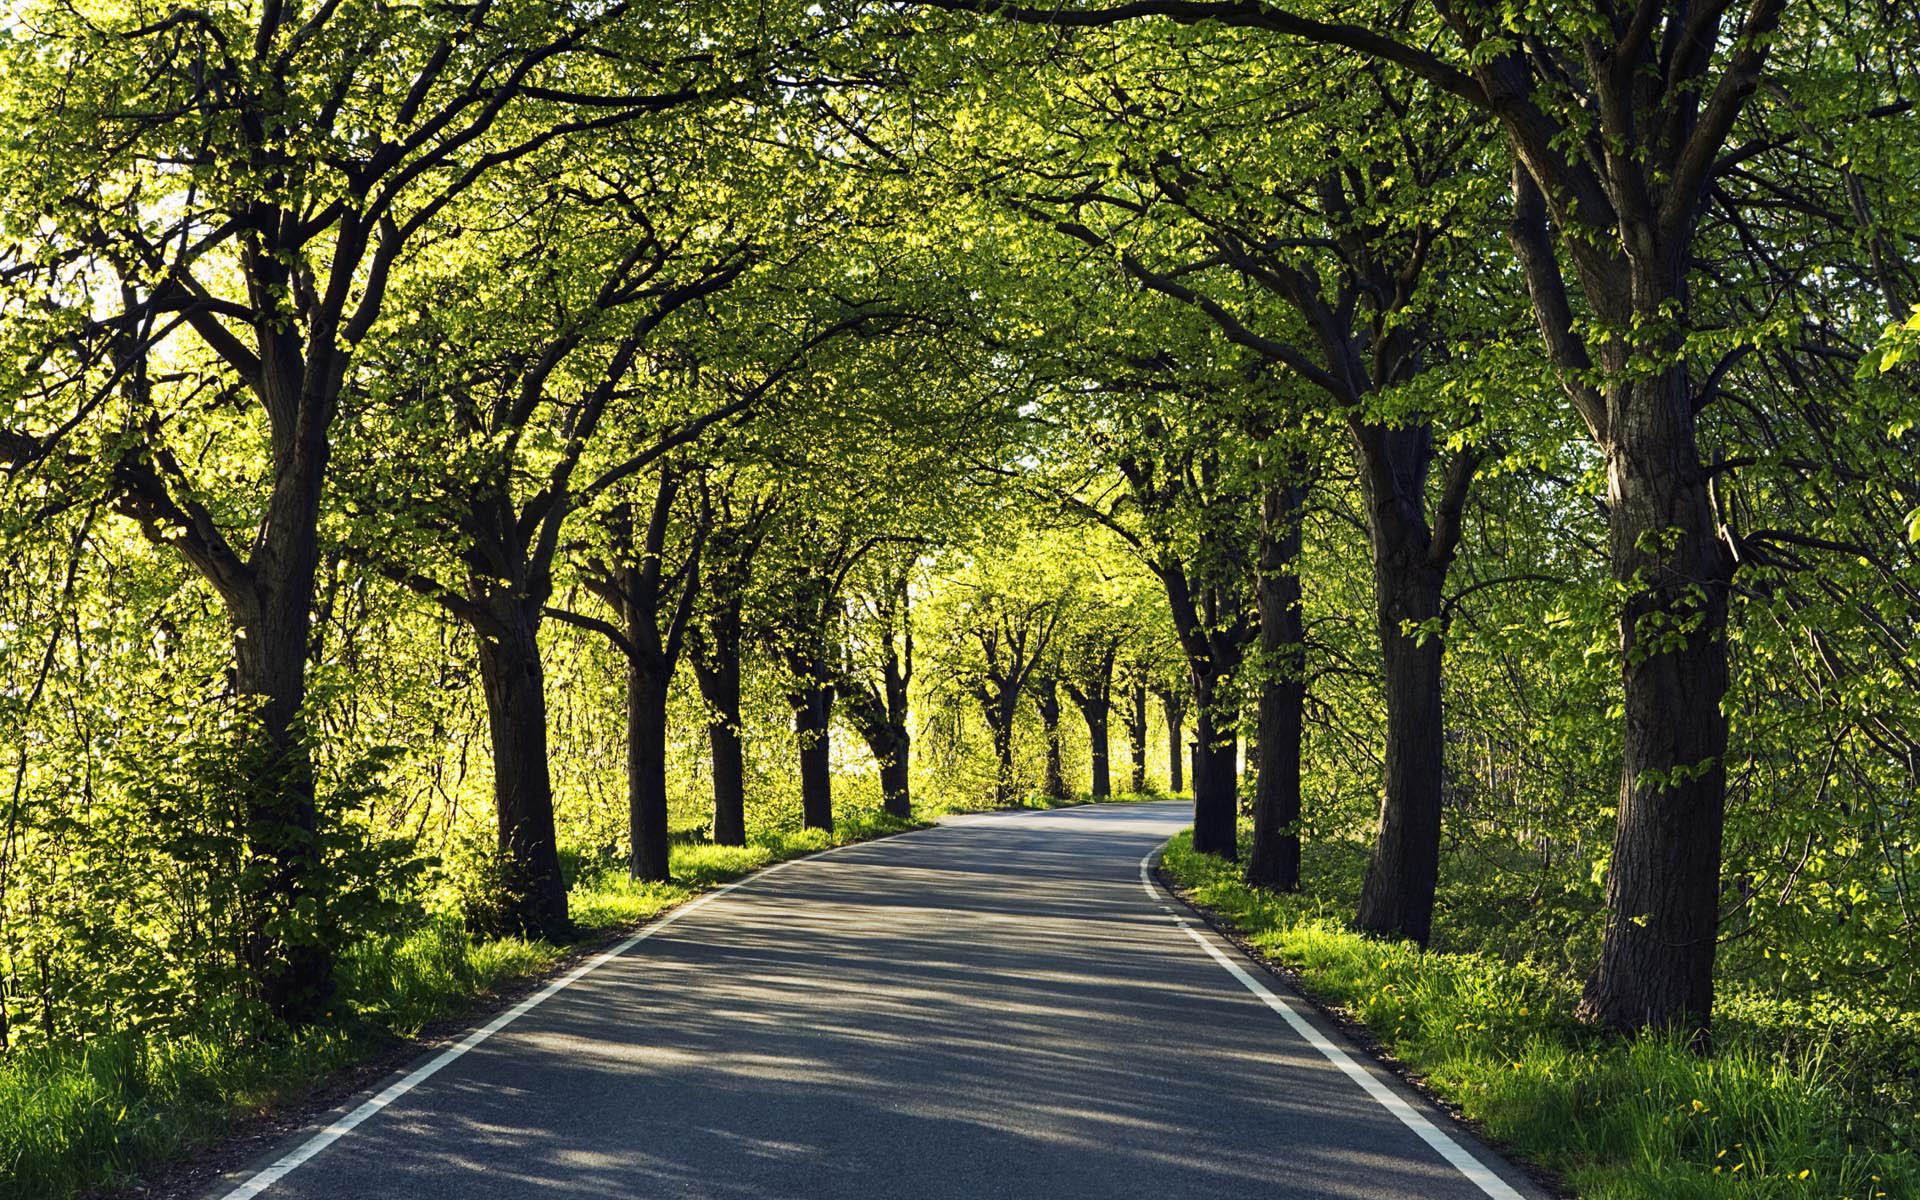 дерево дорога tree road  № 2404880 бесплатно